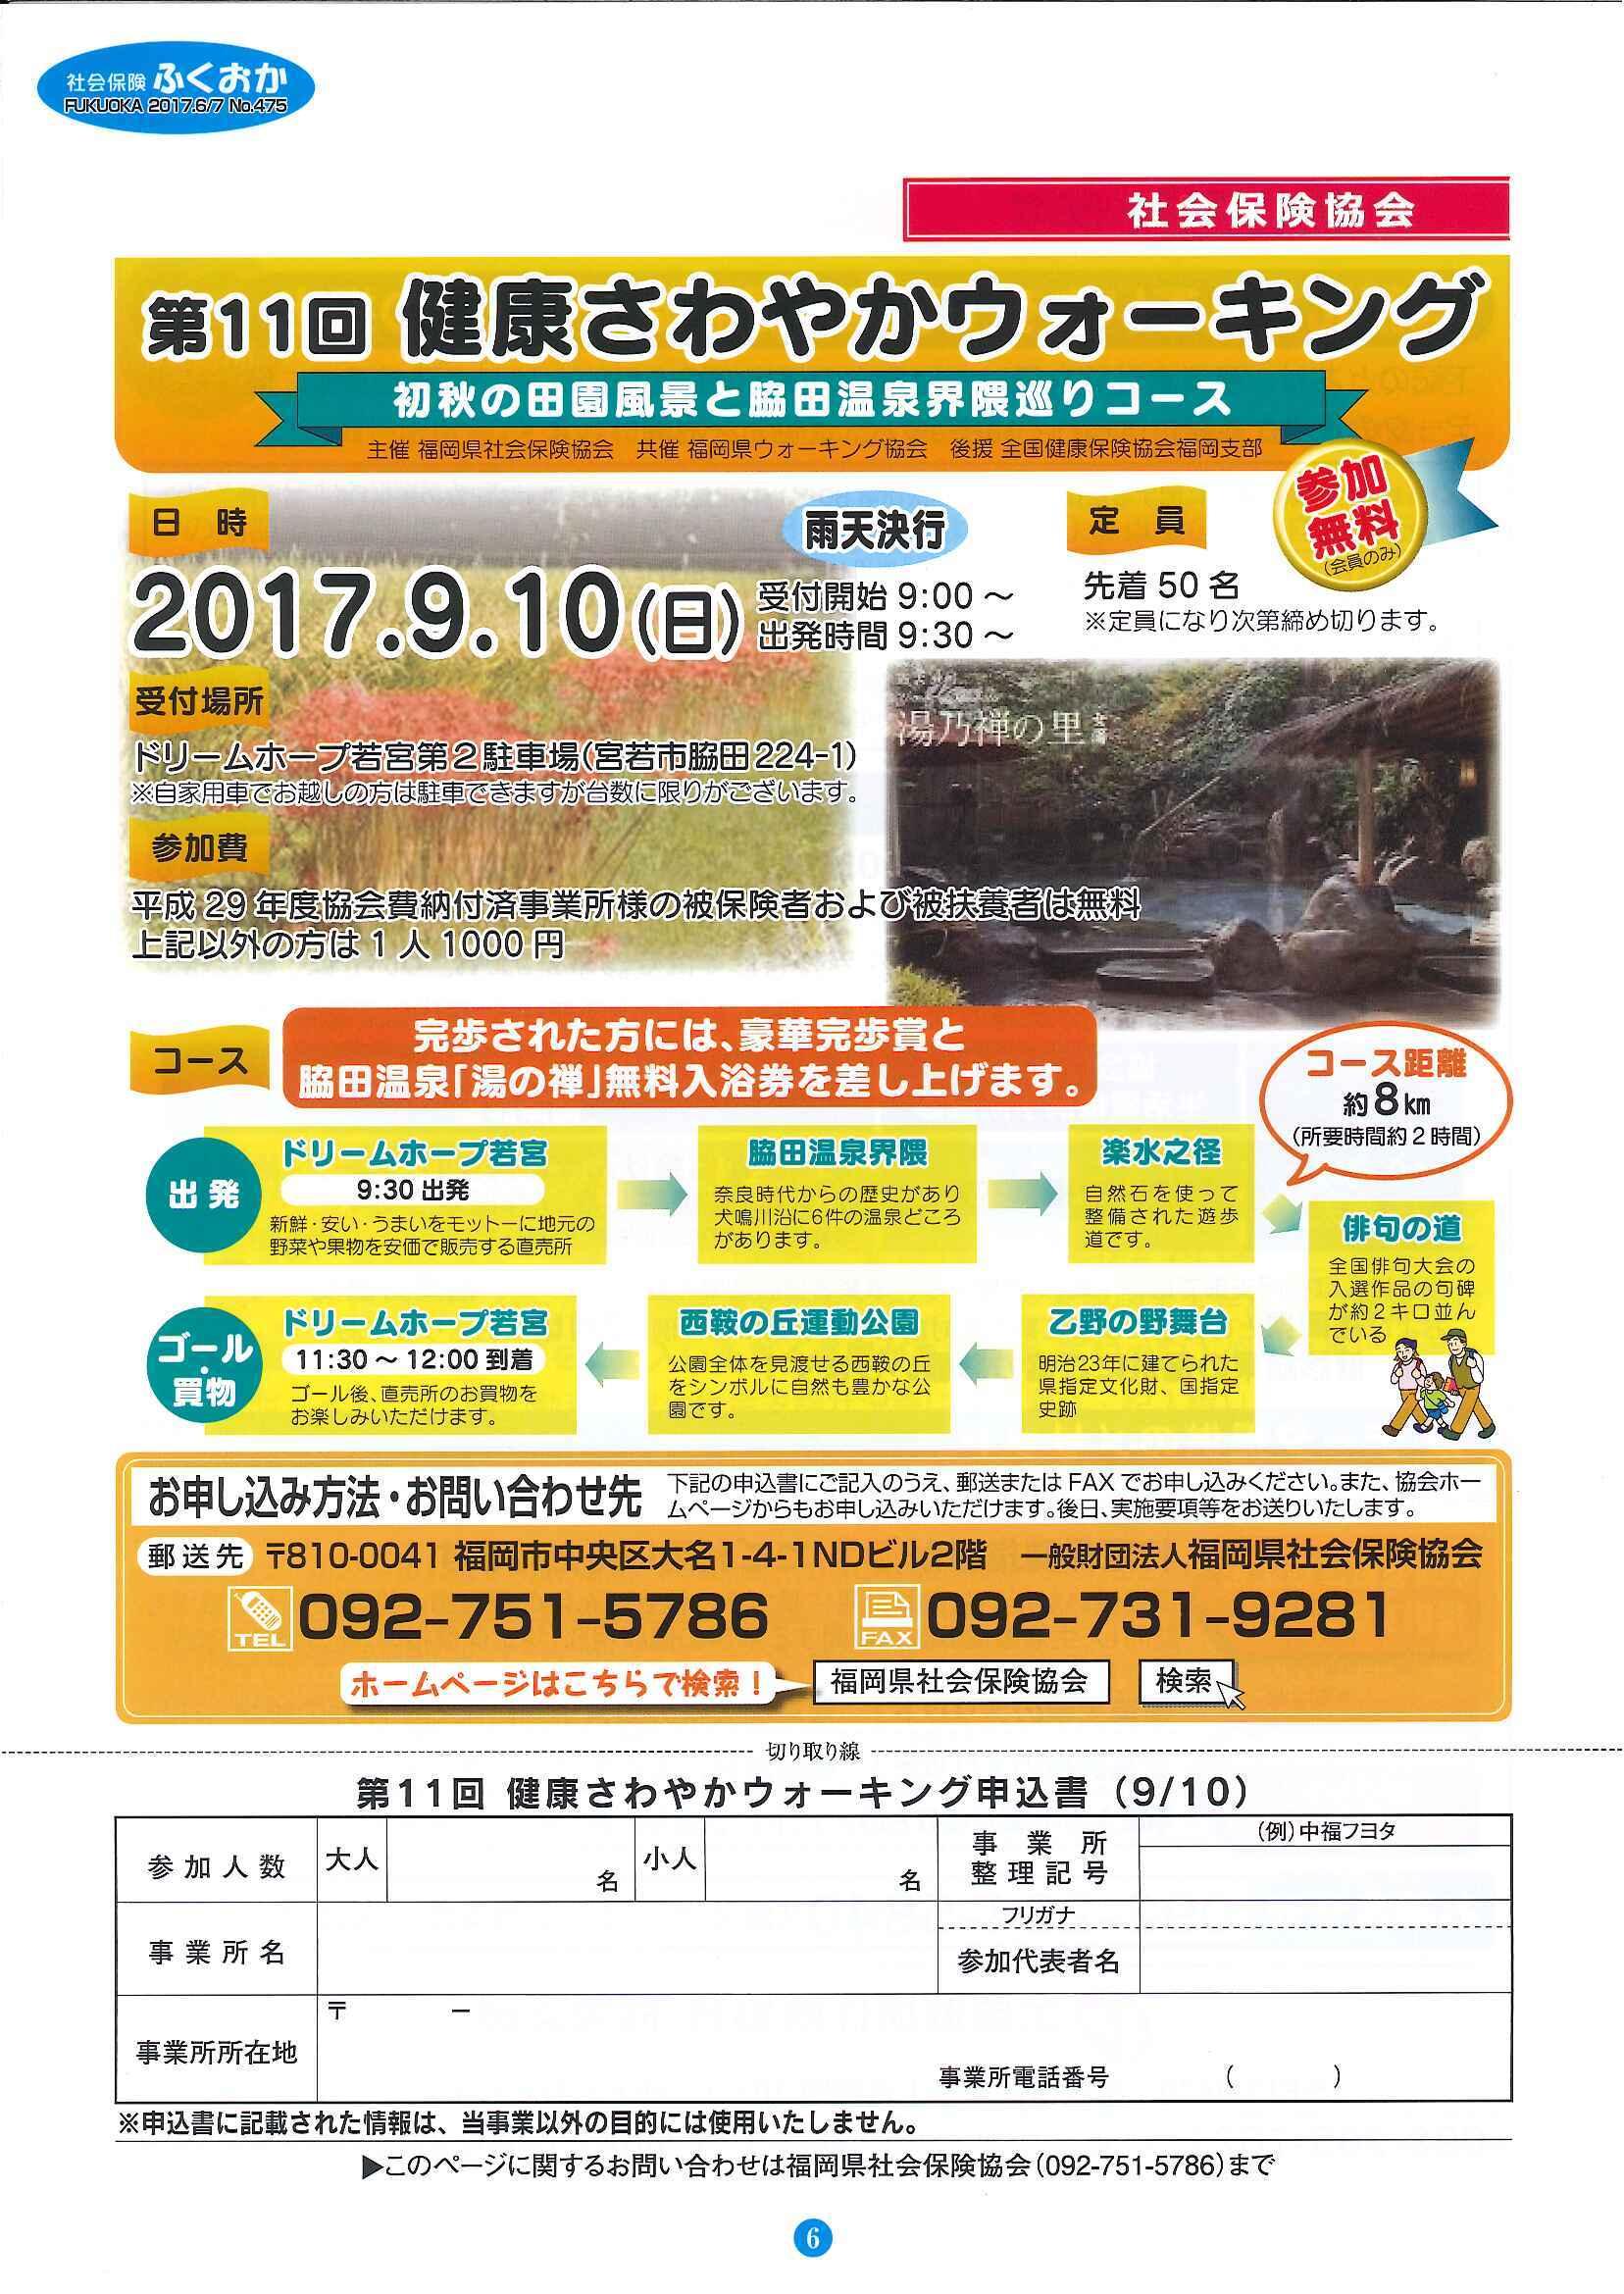 社会保険 ふくおか 2017年 6・7月号_f0120774_15382288.jpg